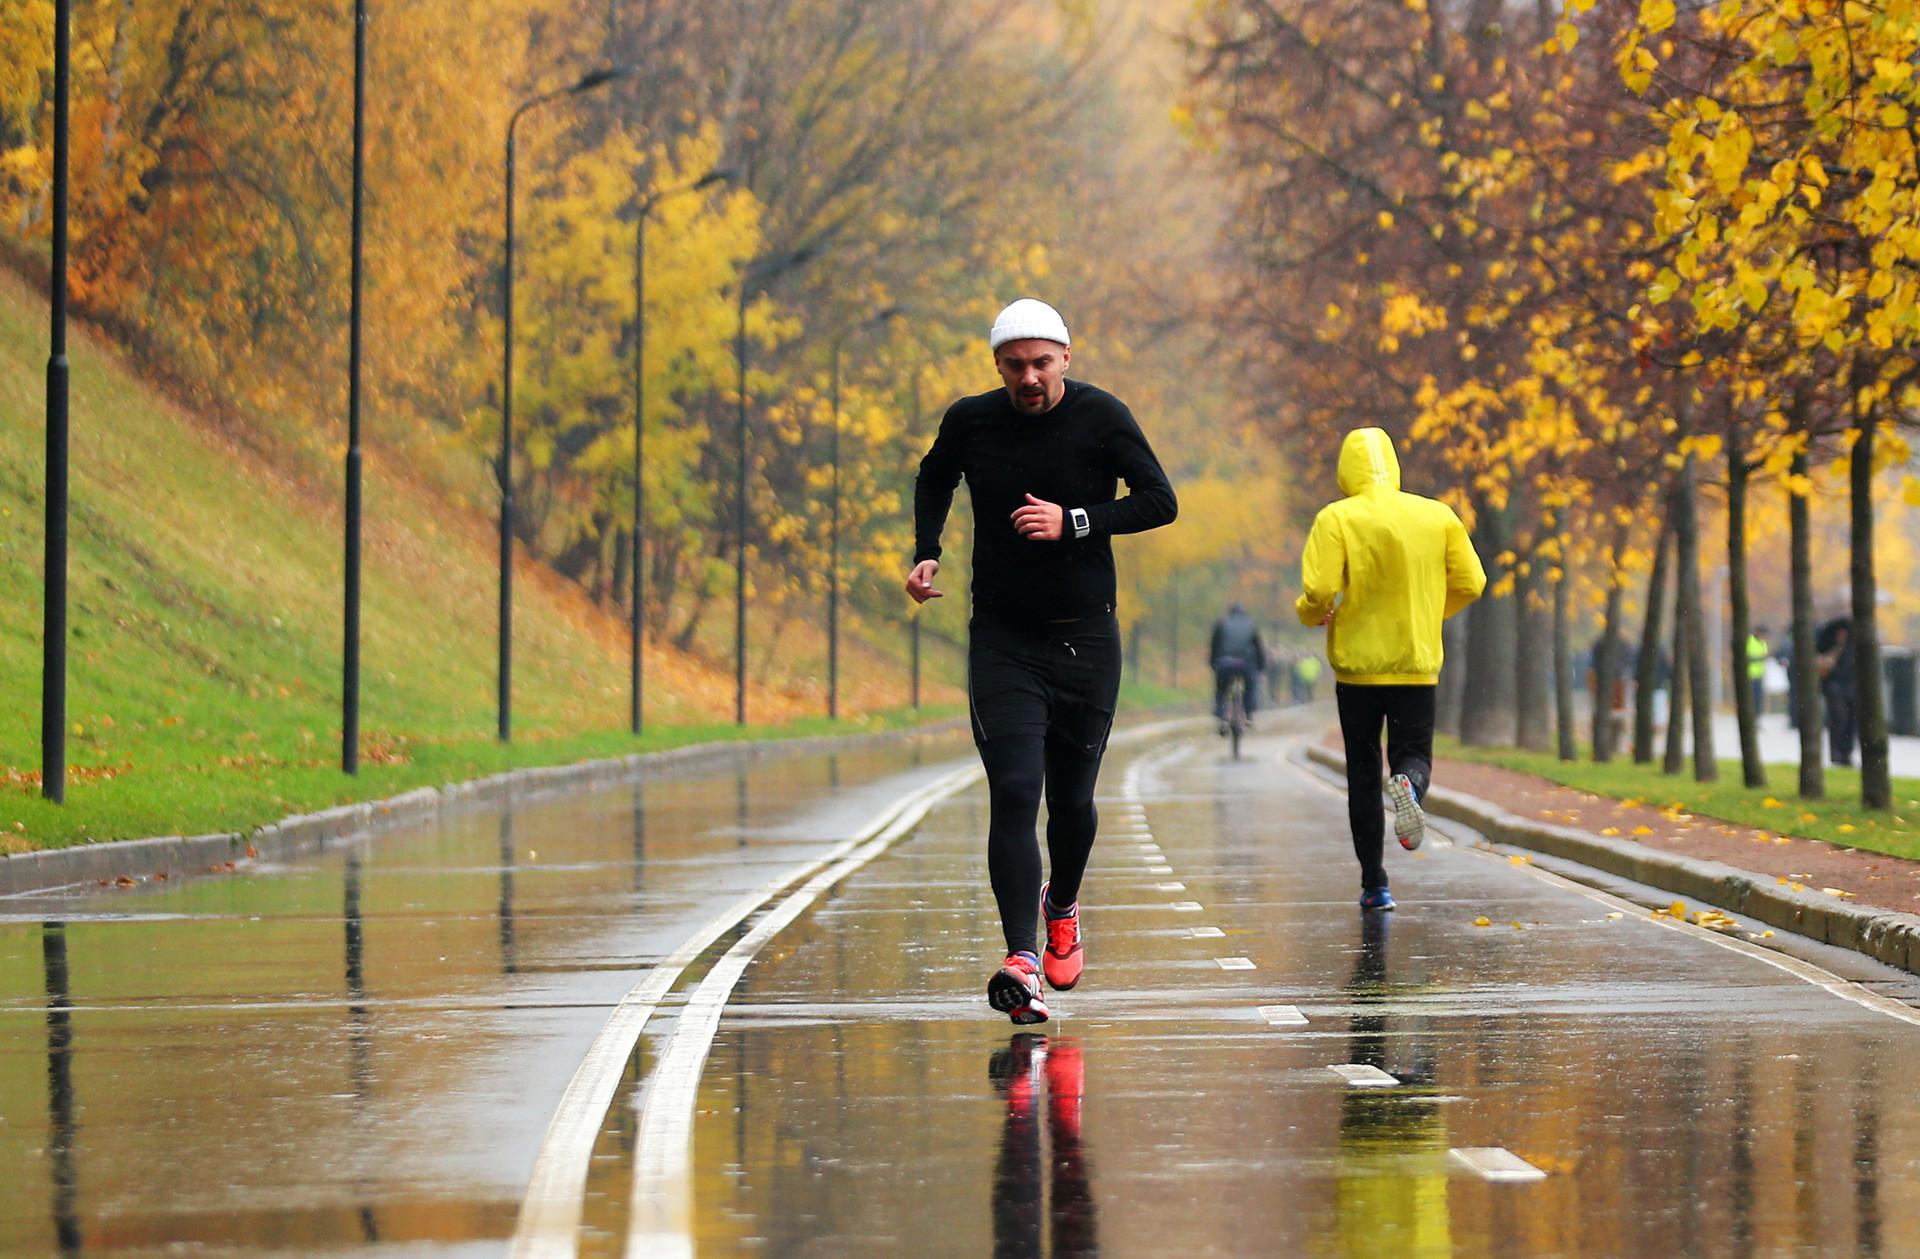 Awali perjalanan Anda dari Stadion Luzhniki dan berjoginglah di sepanjang tepi sungai.